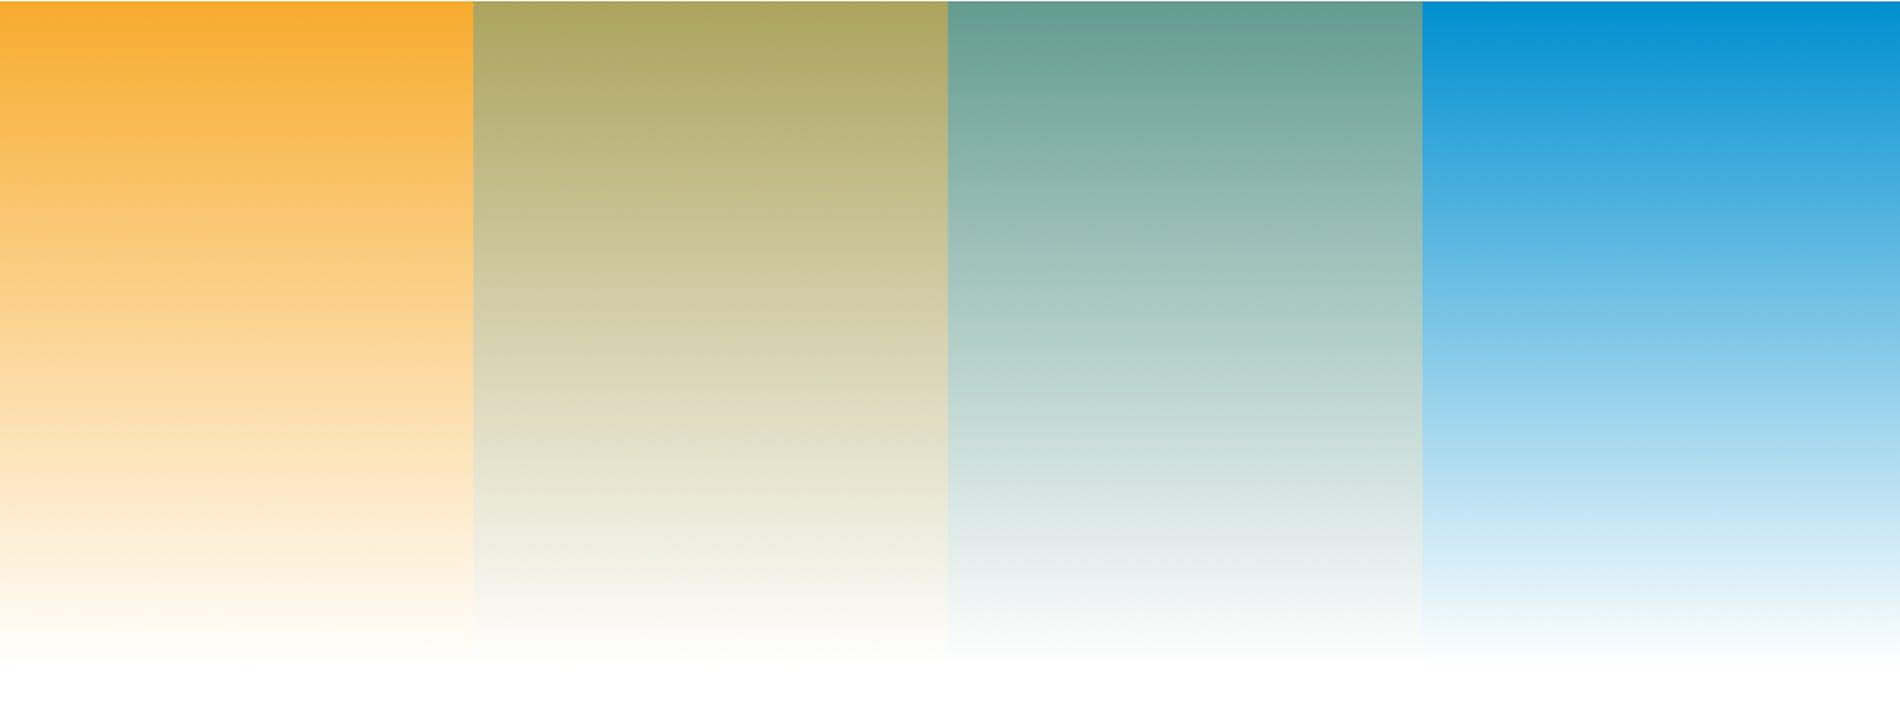 SAP Financial Close Solutions Complement SAP Central Finance Image | BlackLine White Paper